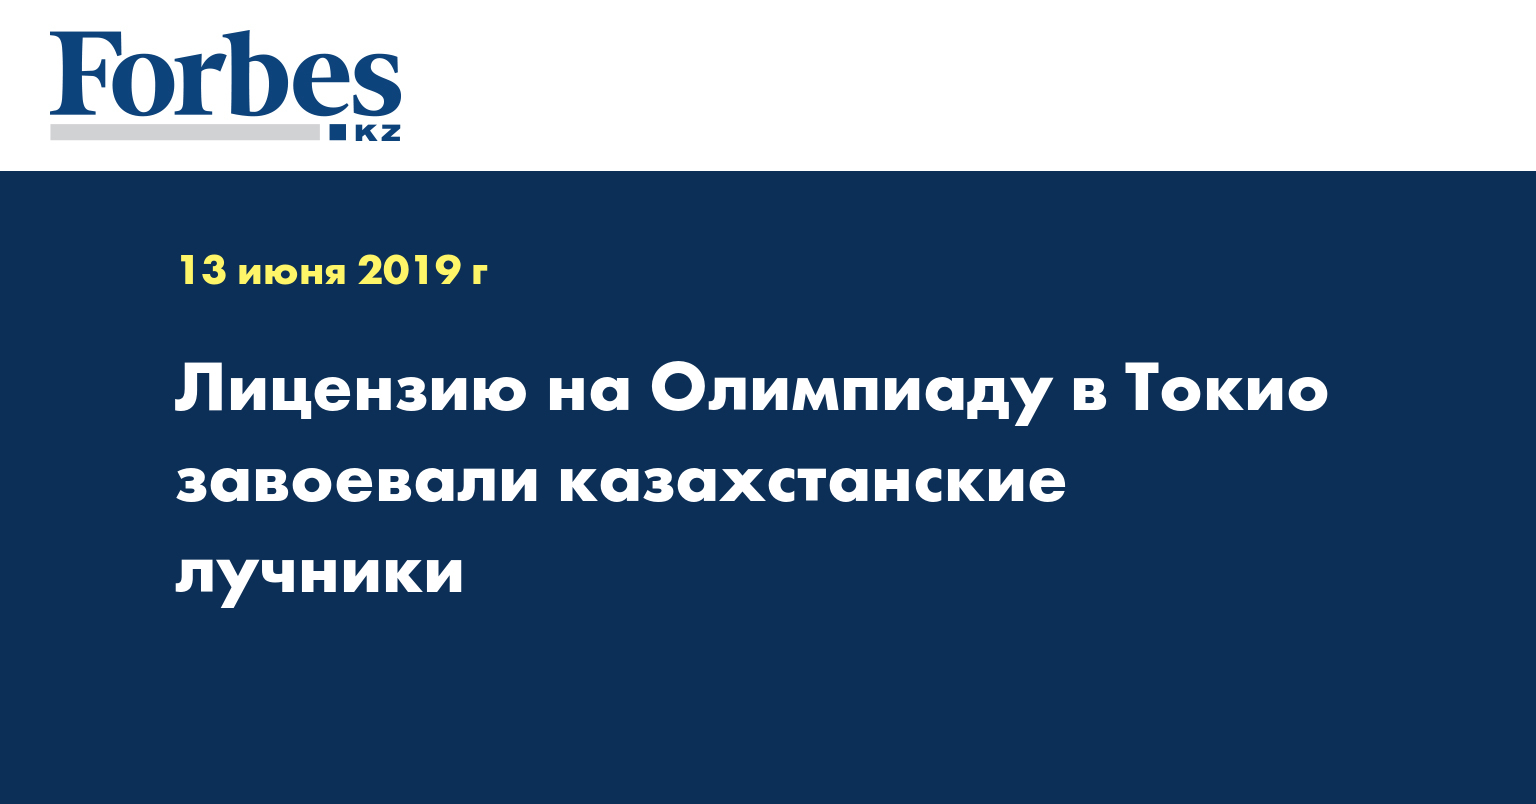 Лицензию на Олимпиаду в Токио завоевали казахстанские лучники